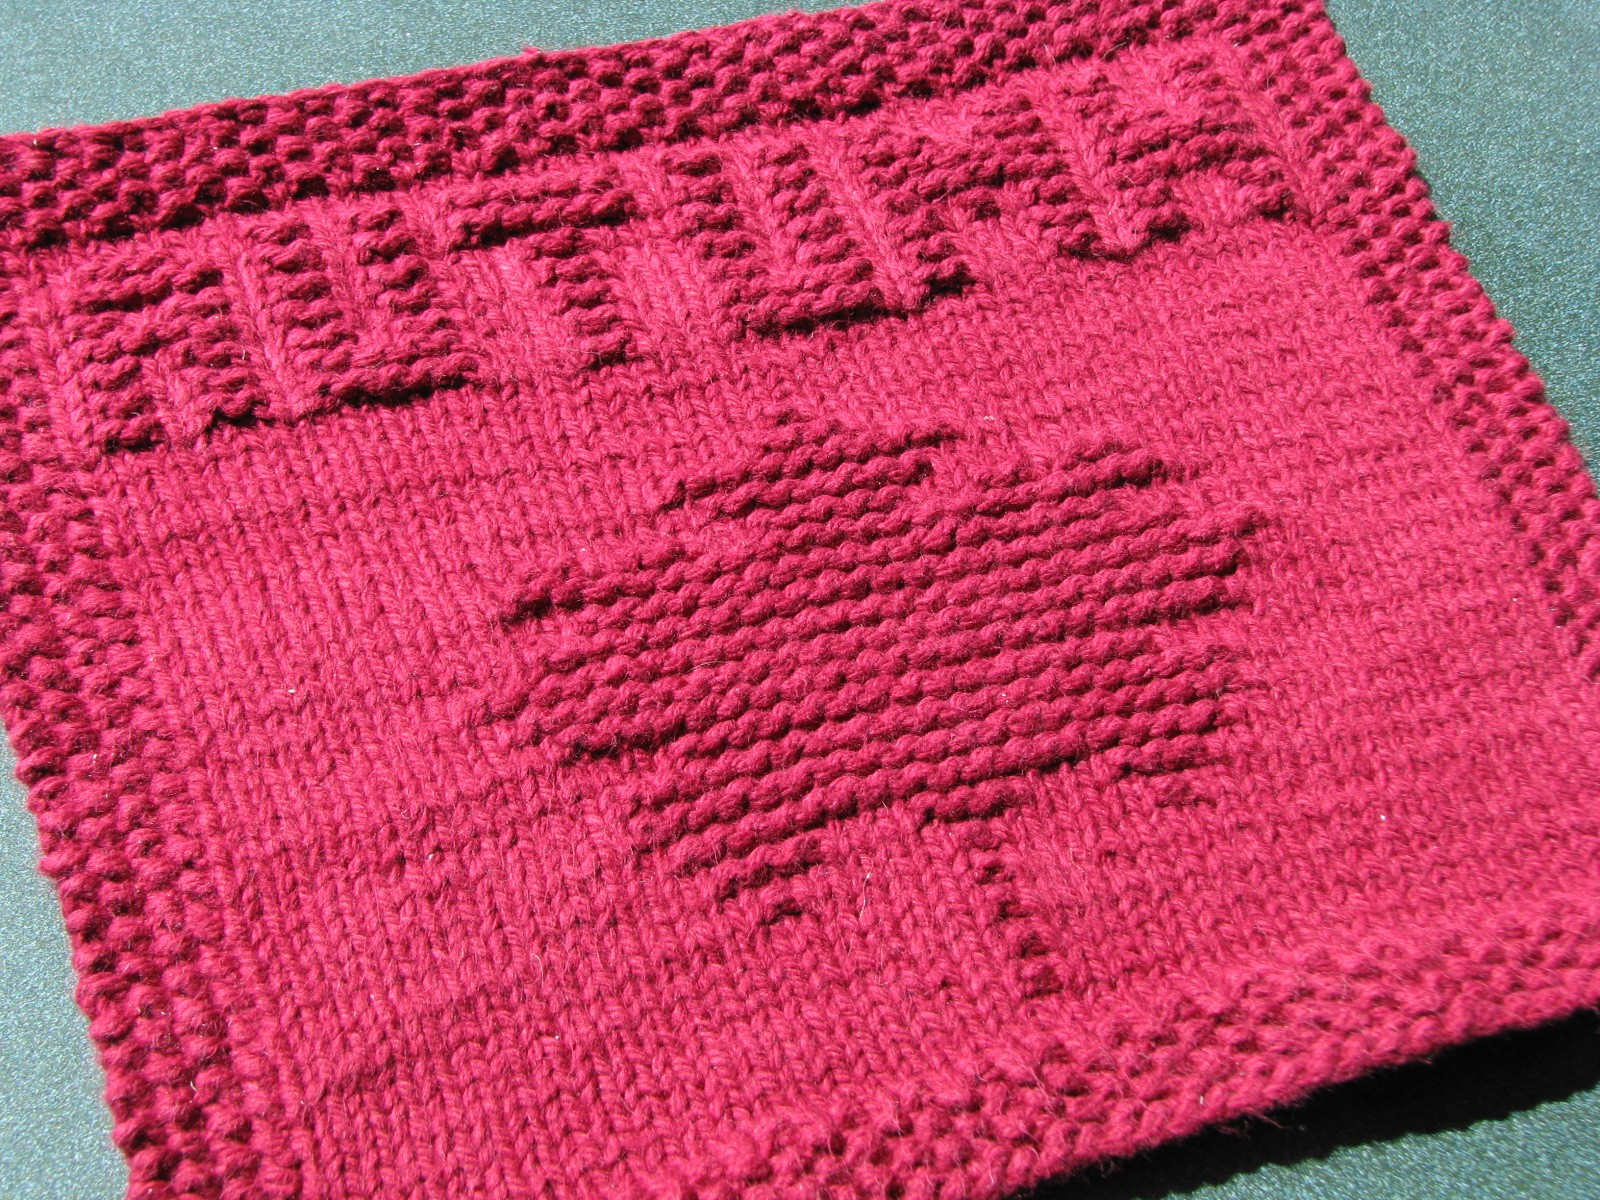 Kitchen Knitted Dishcloths Patterns